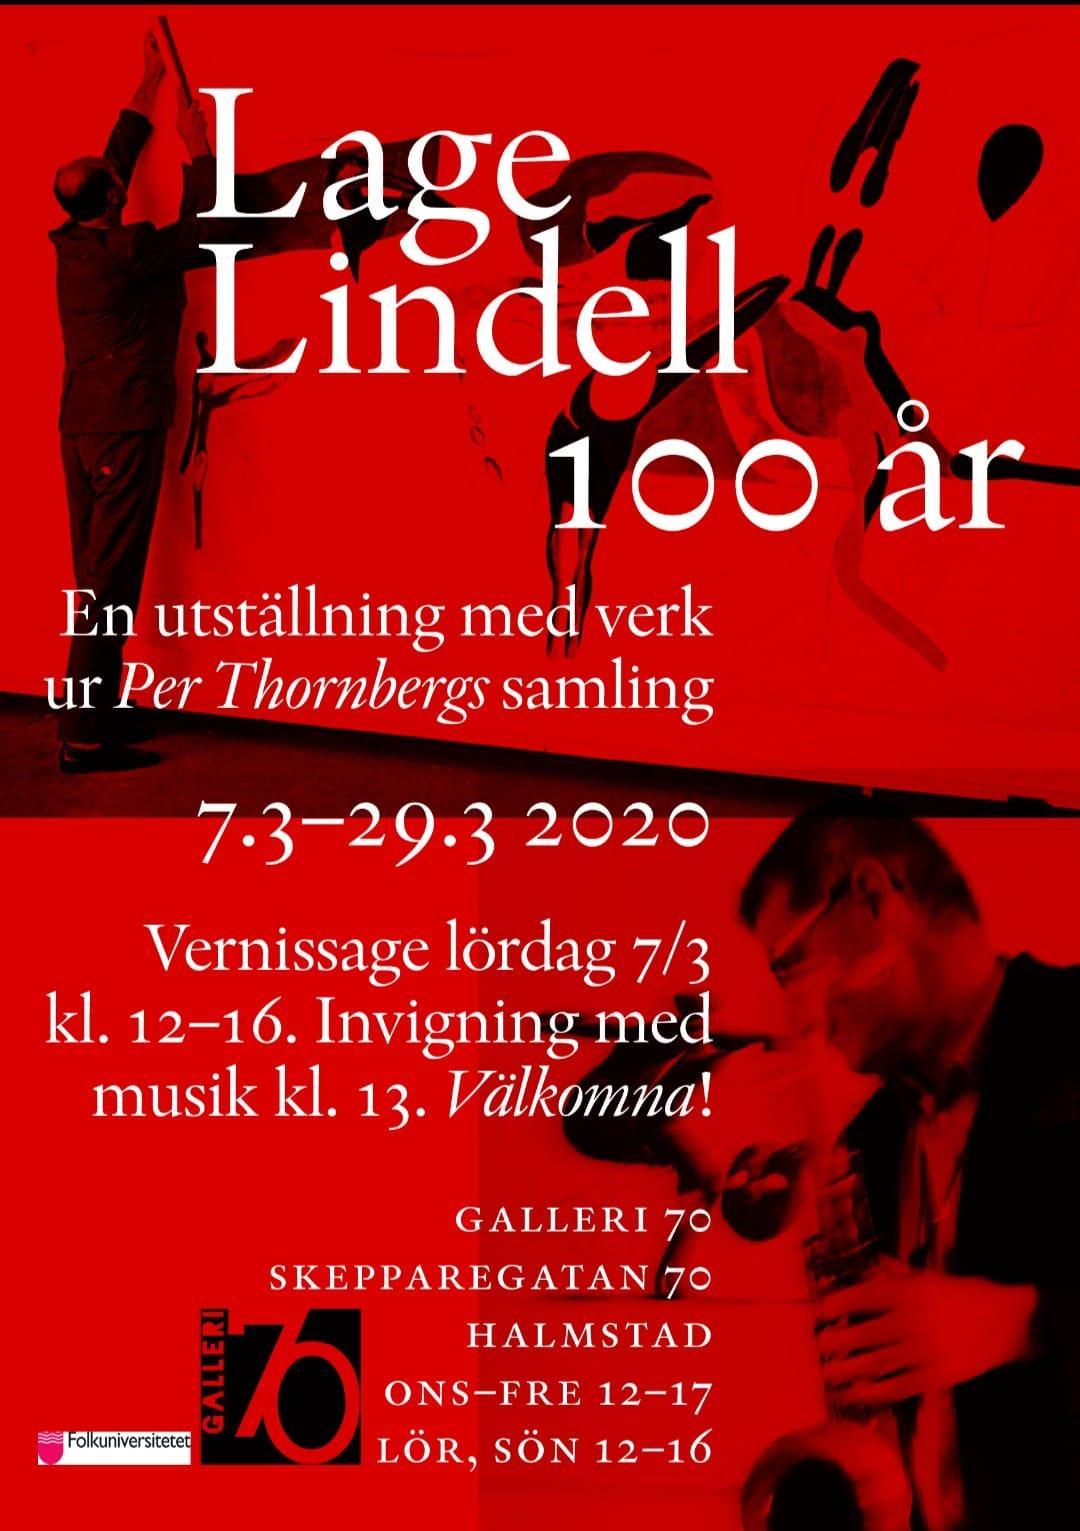 Per Thornberg visar, inproviserar och föreläser om Lage Lindell på Galleri70